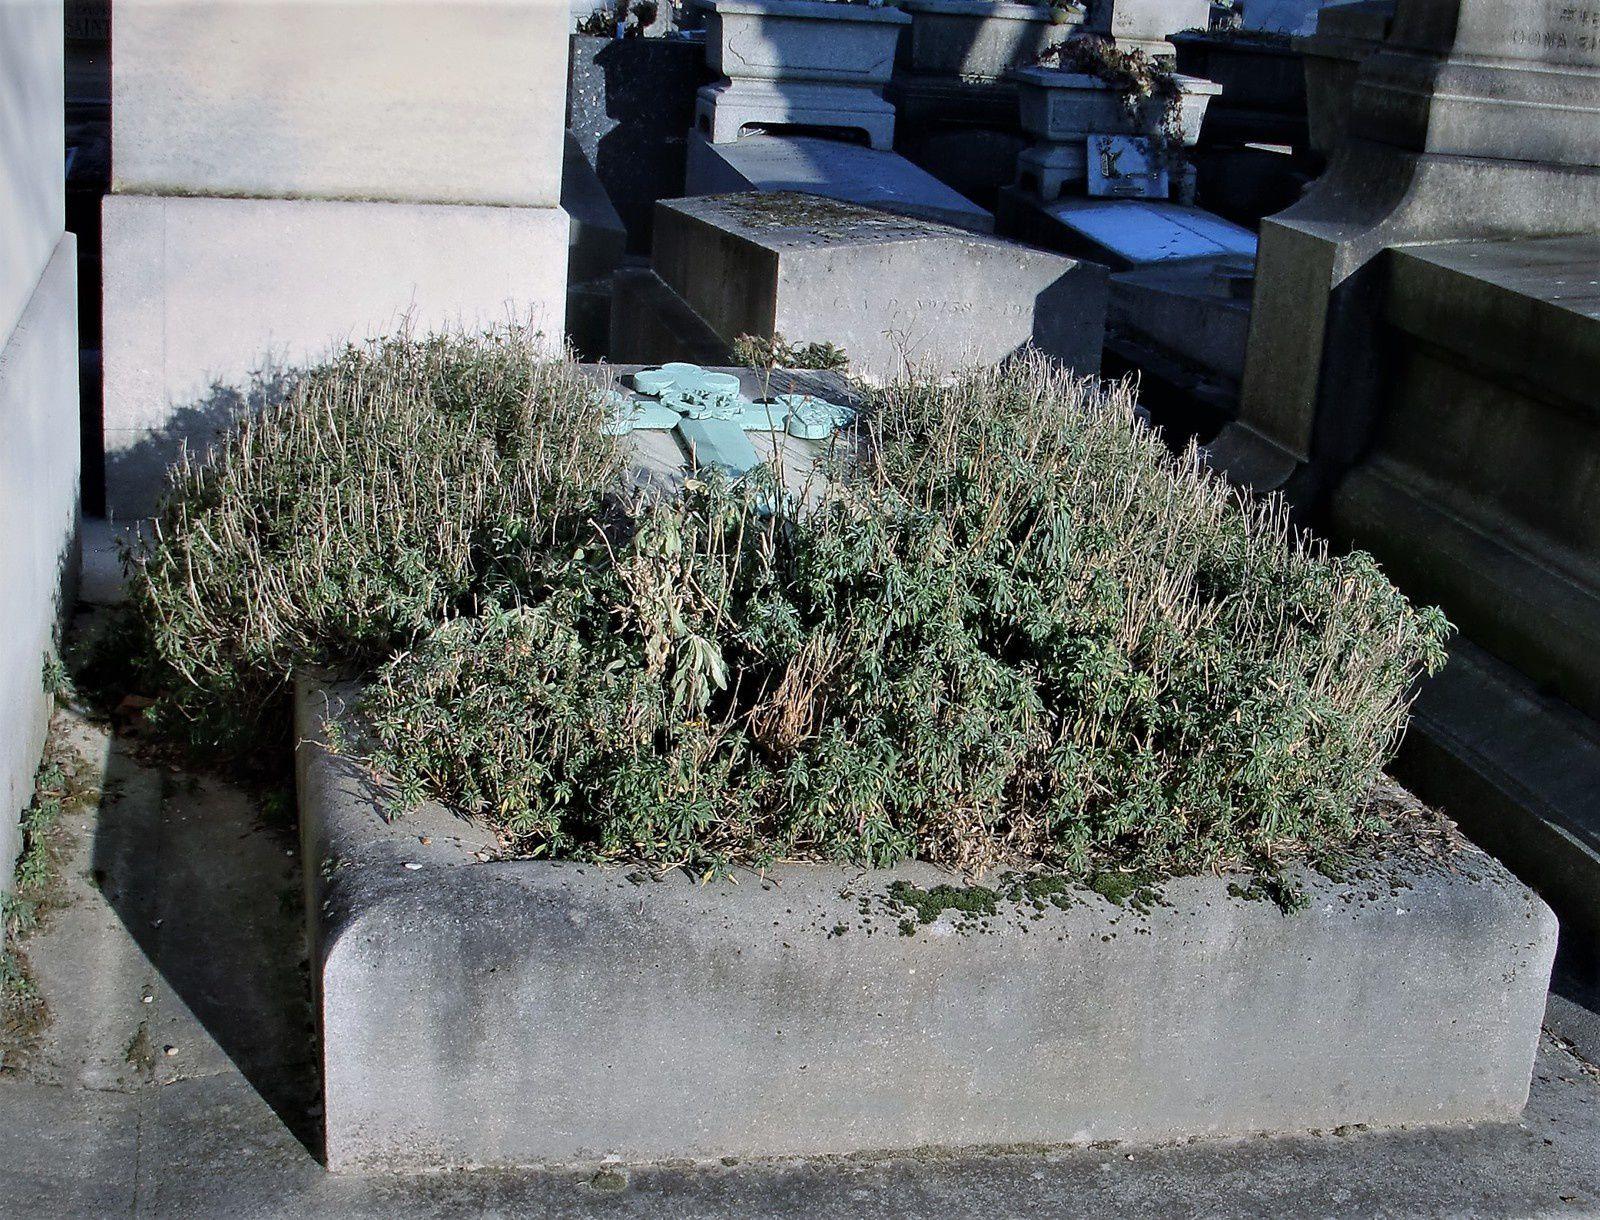 La tombe d'Yvette Guilbert, section 94 au Père Lachaise. Quasi abandonnée!